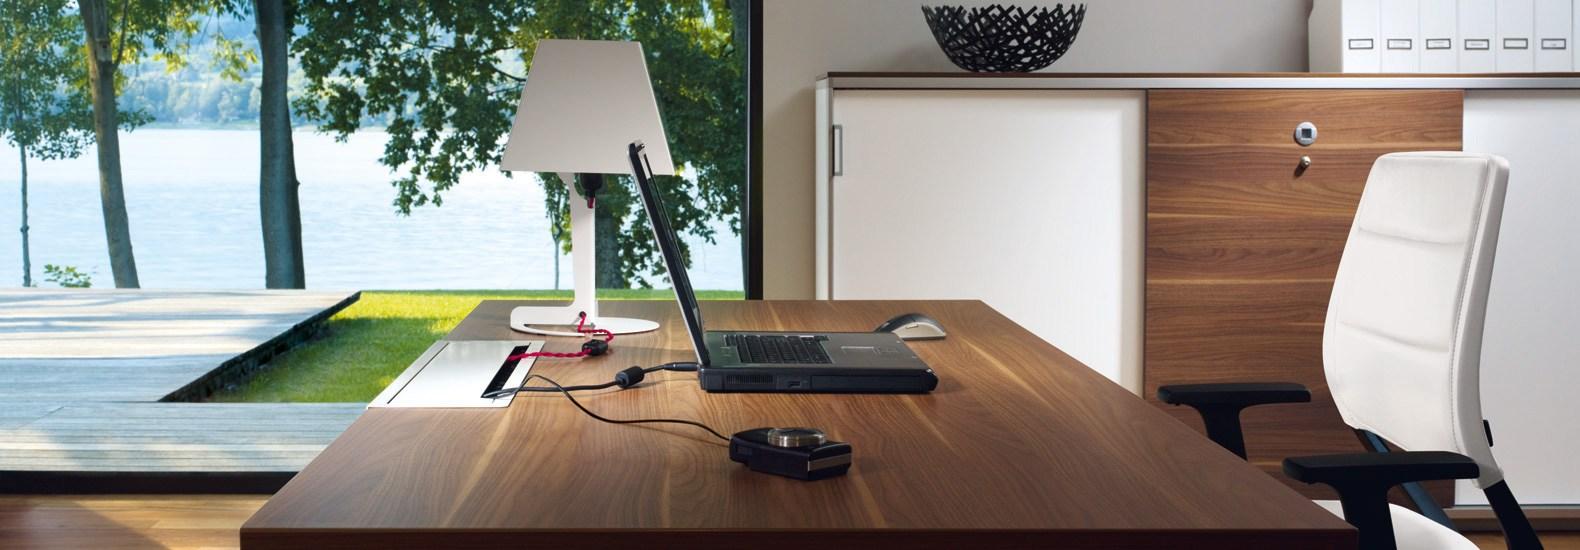 Konfigurieren Sie grand slam von Sedus Systems bei office & objekt 42 um Ihr Büro perfekt auf Sie anzupassen!